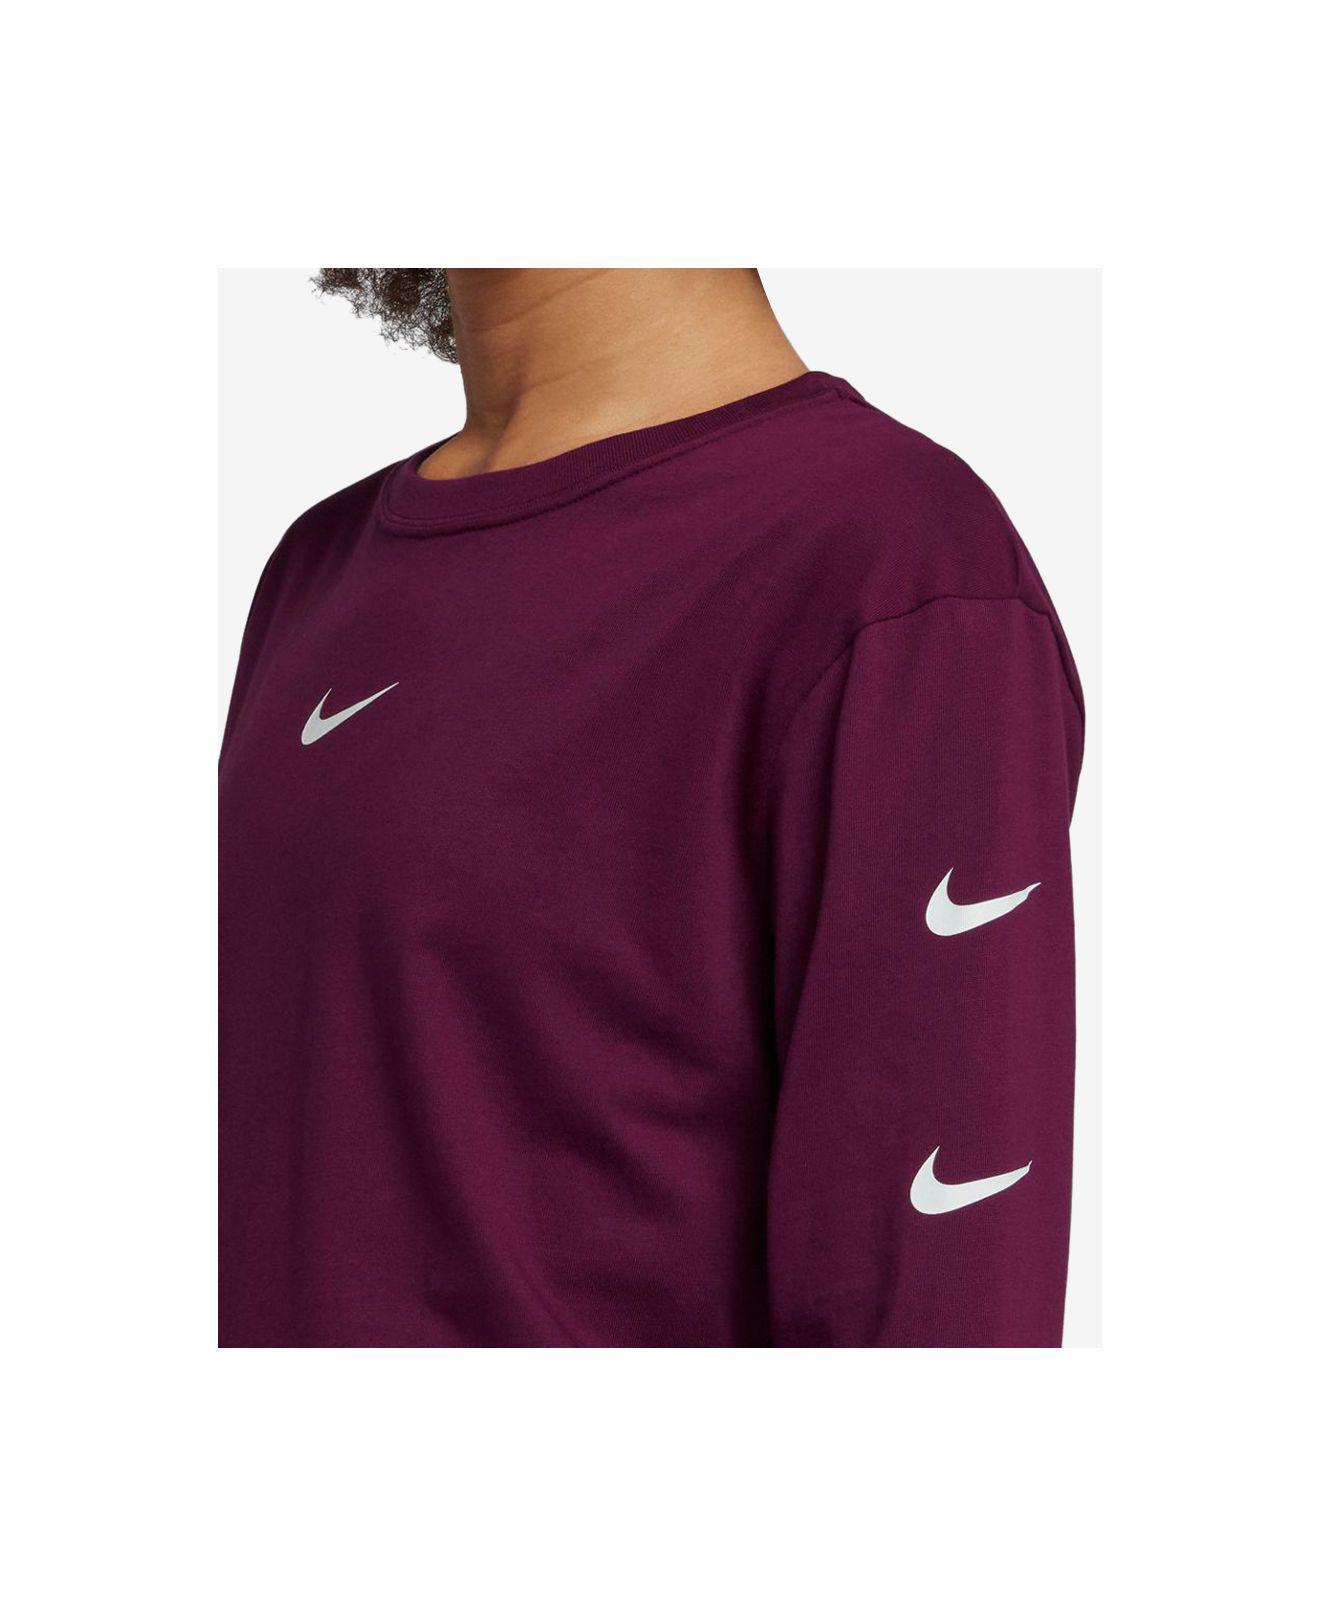 4176bbed2fca Lyst - Nike Sportswear Cotton Long-sleeve Logo Top in Purple